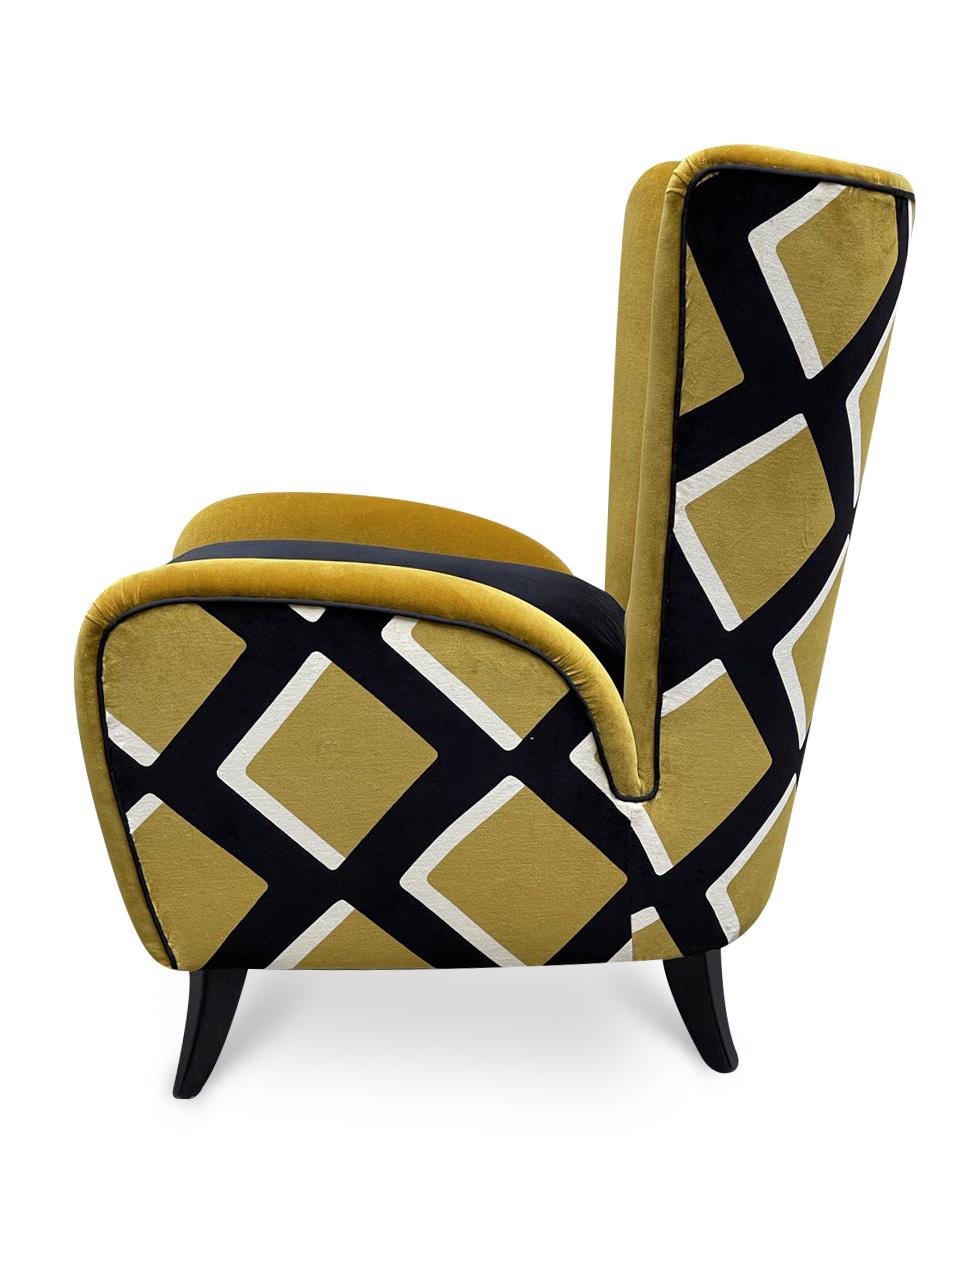 poltrone mid centuy rmodern armchair